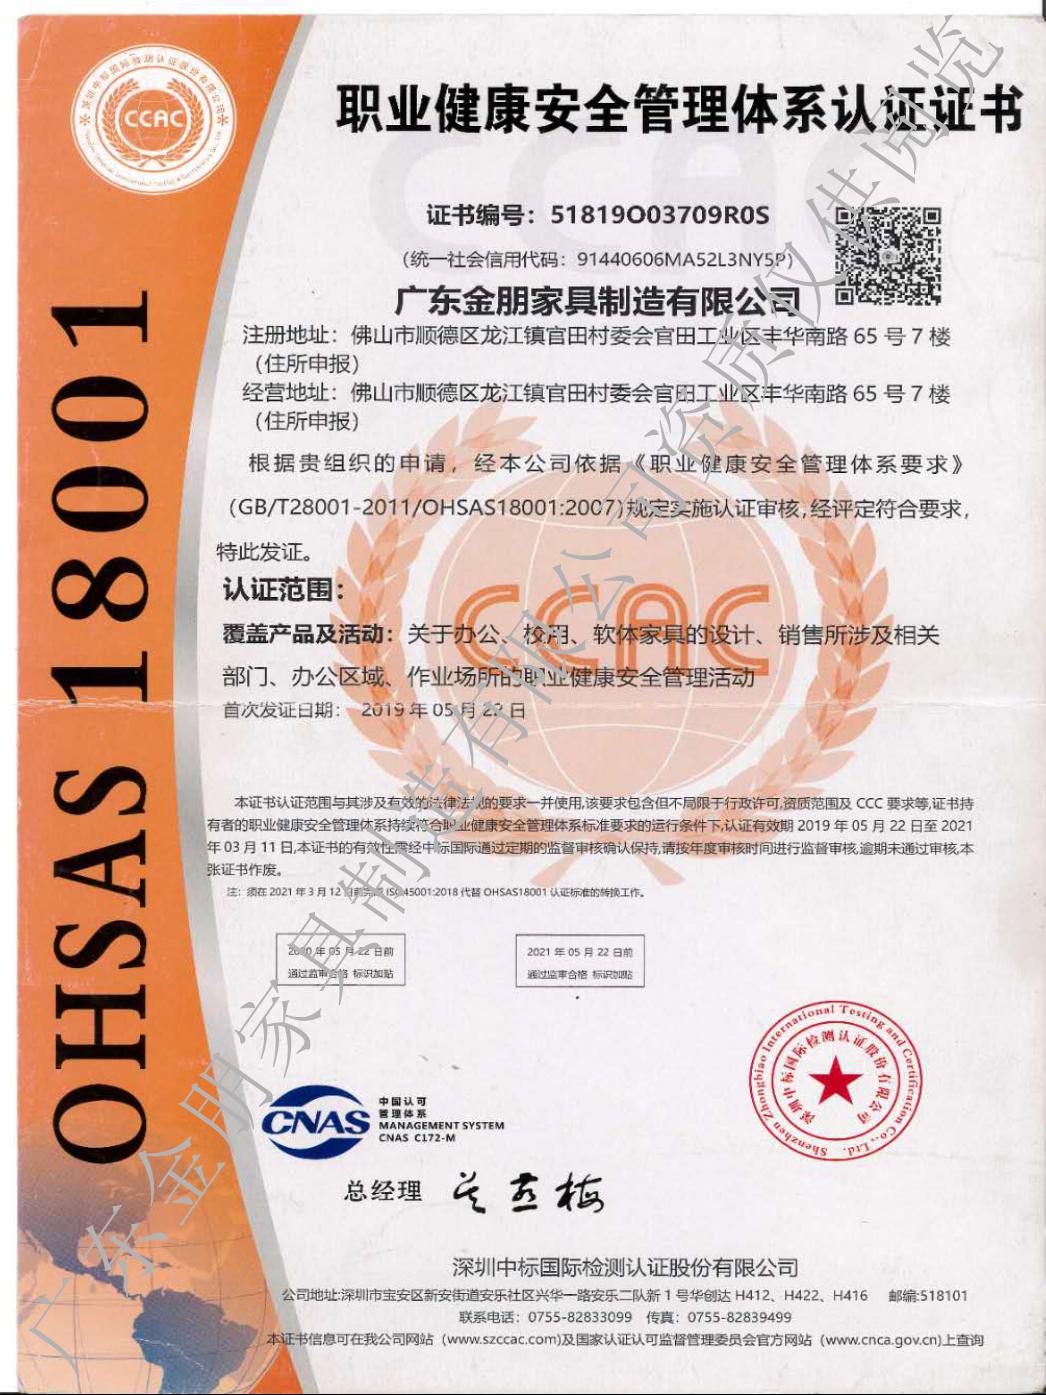 安全管理体系认证书